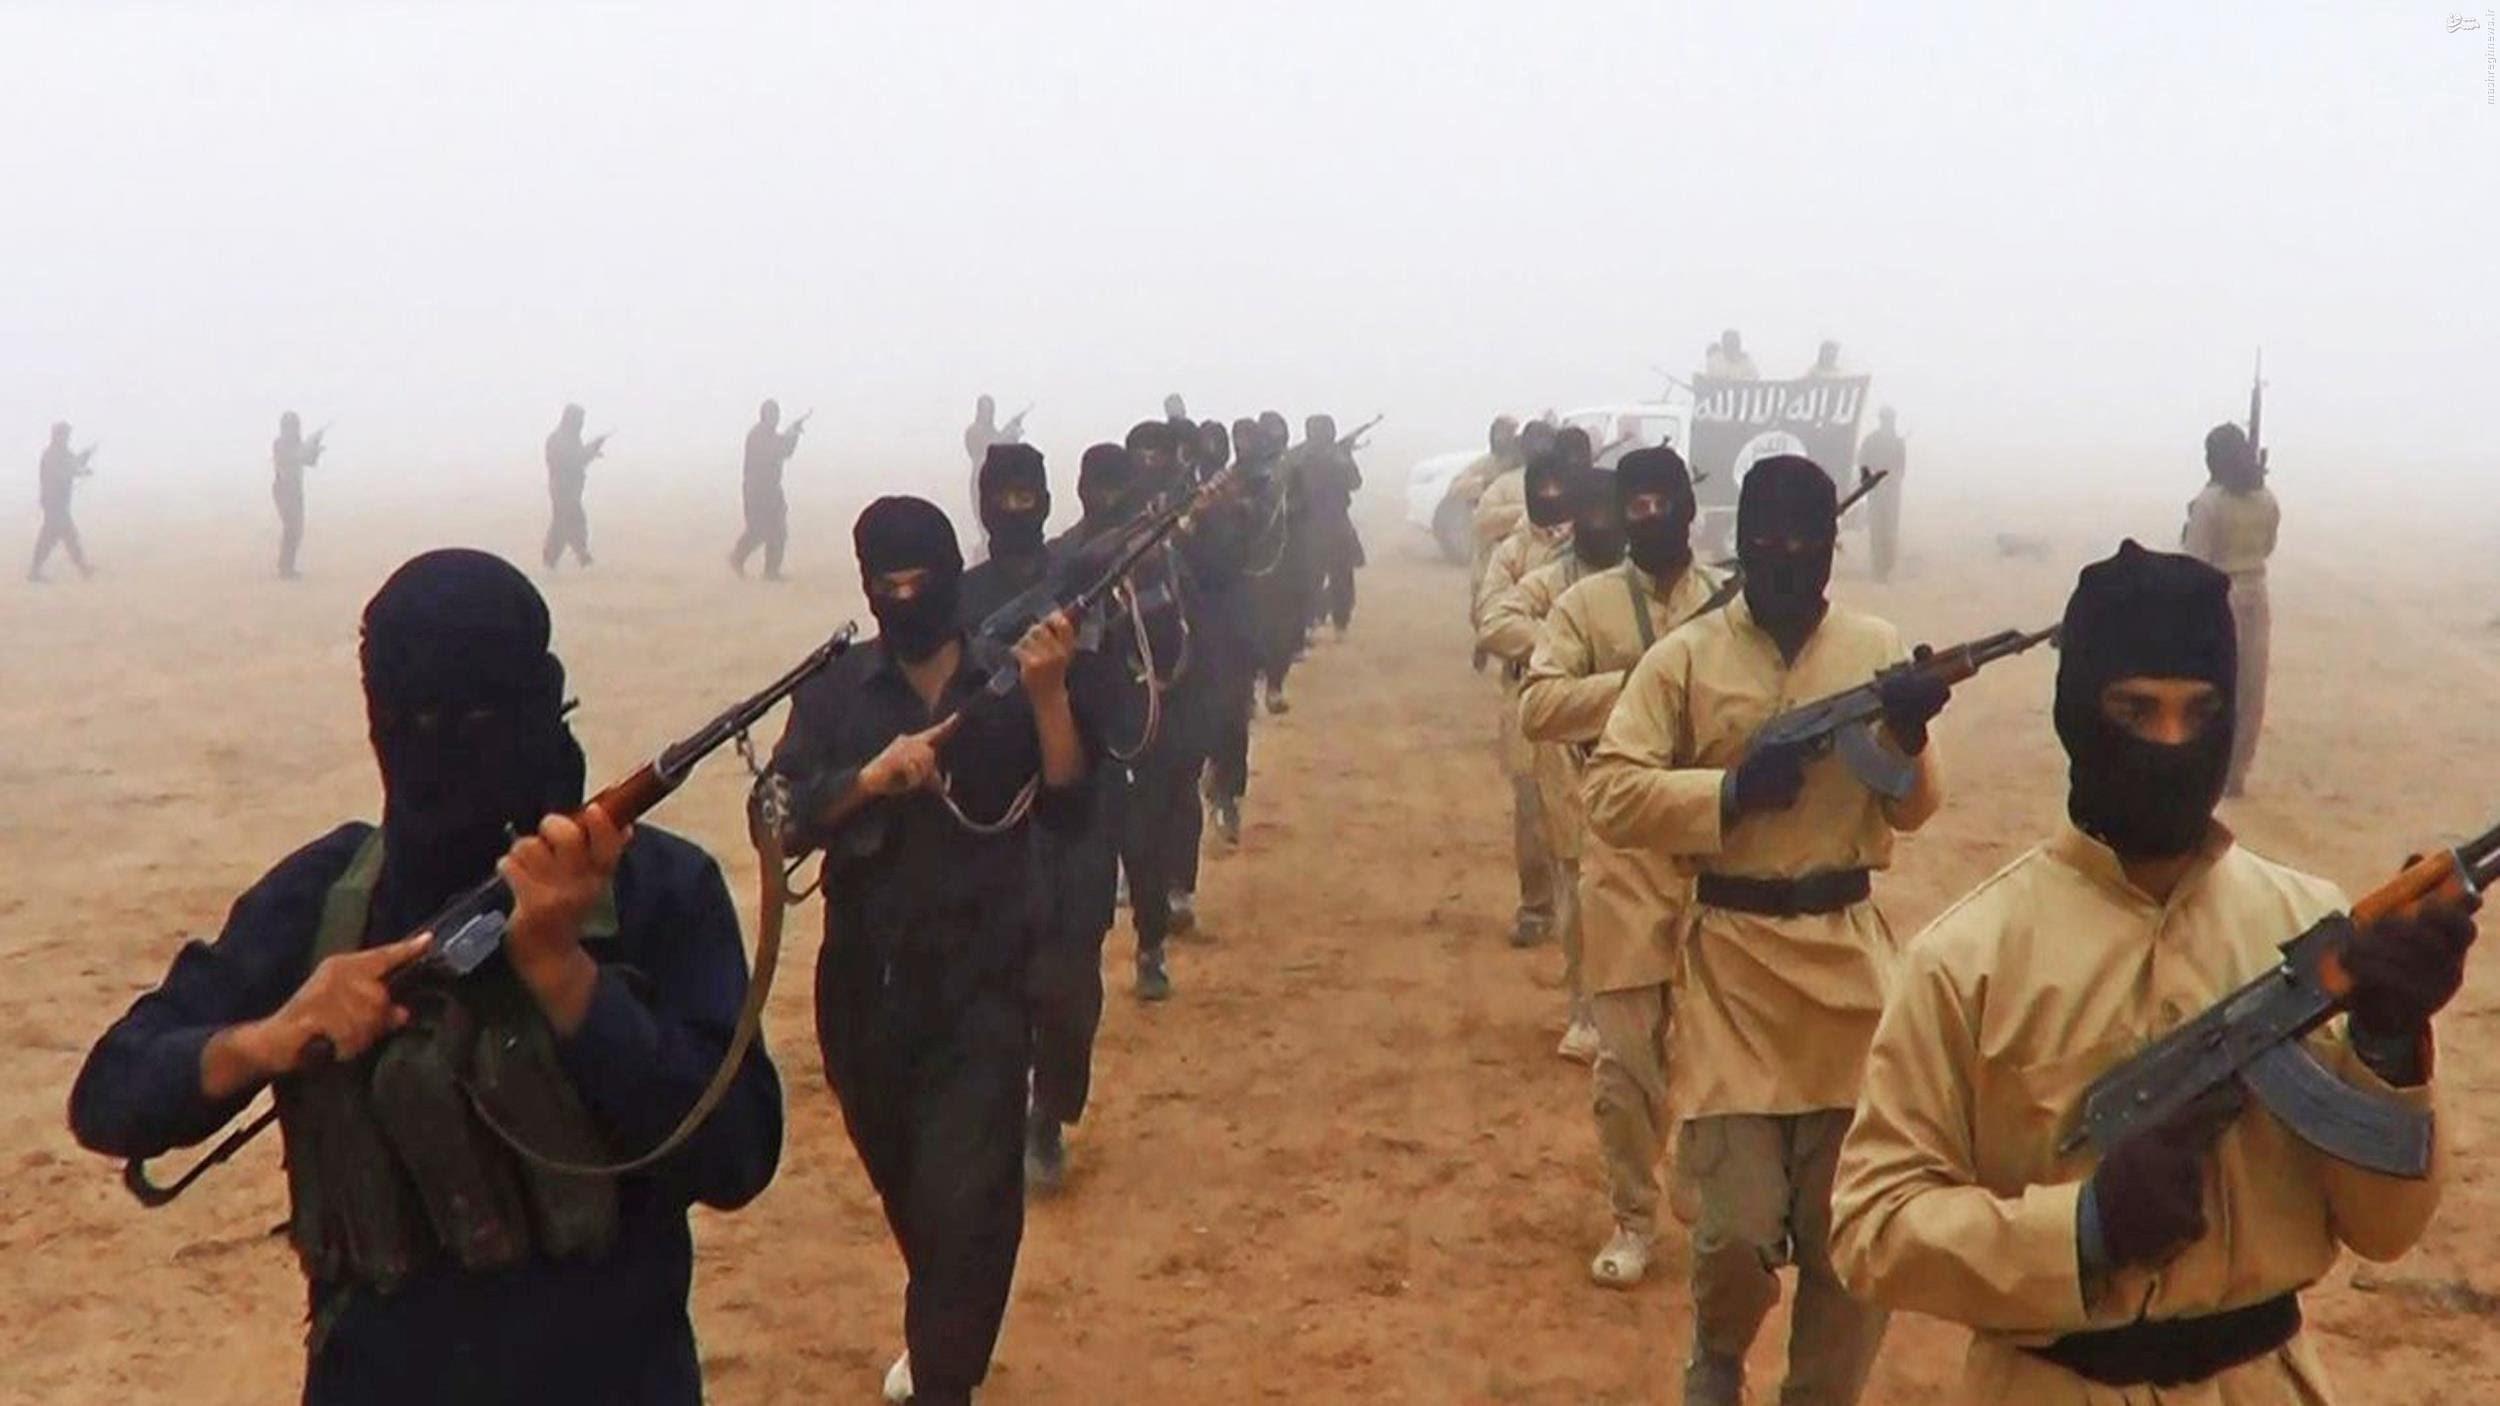 اتباع آمریکا در میان نیروهای داعش